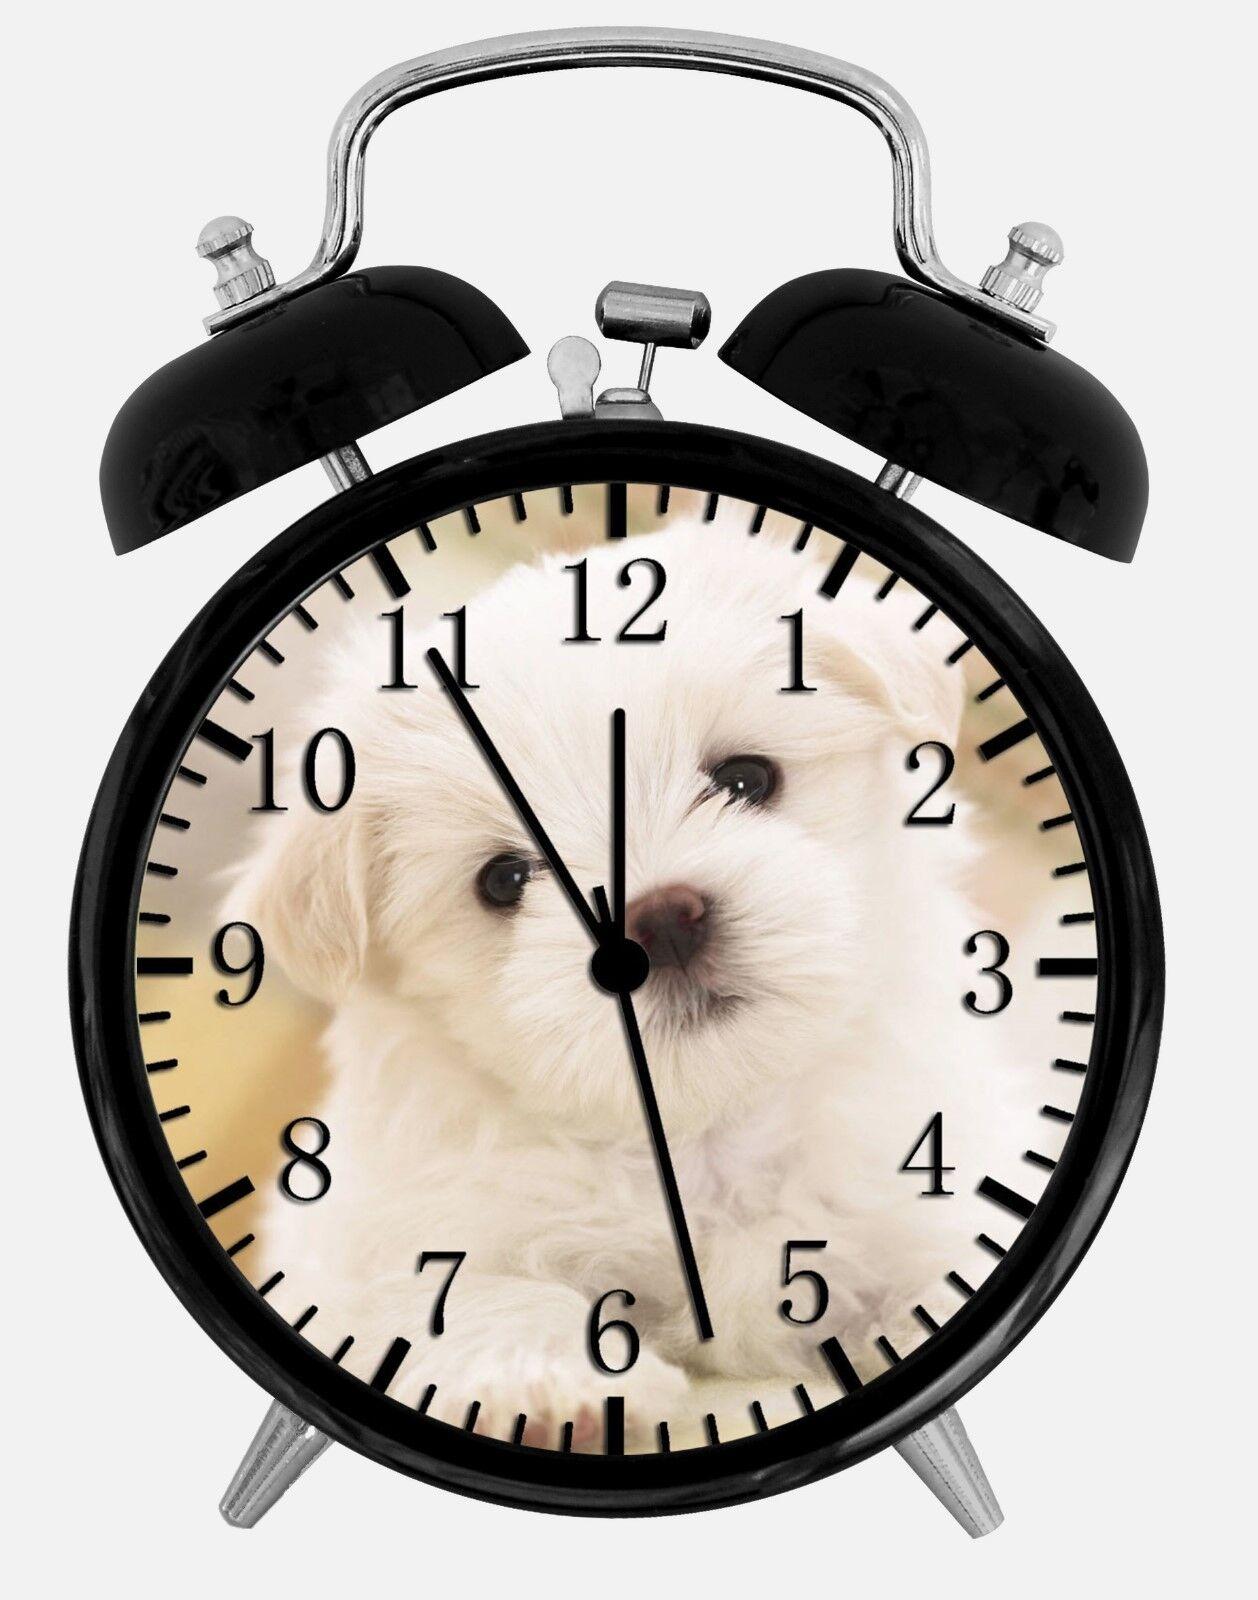 """Maltese Alarm Desk Clock 3.75"""" Home or Office Decor W156 Nice For Gift"""